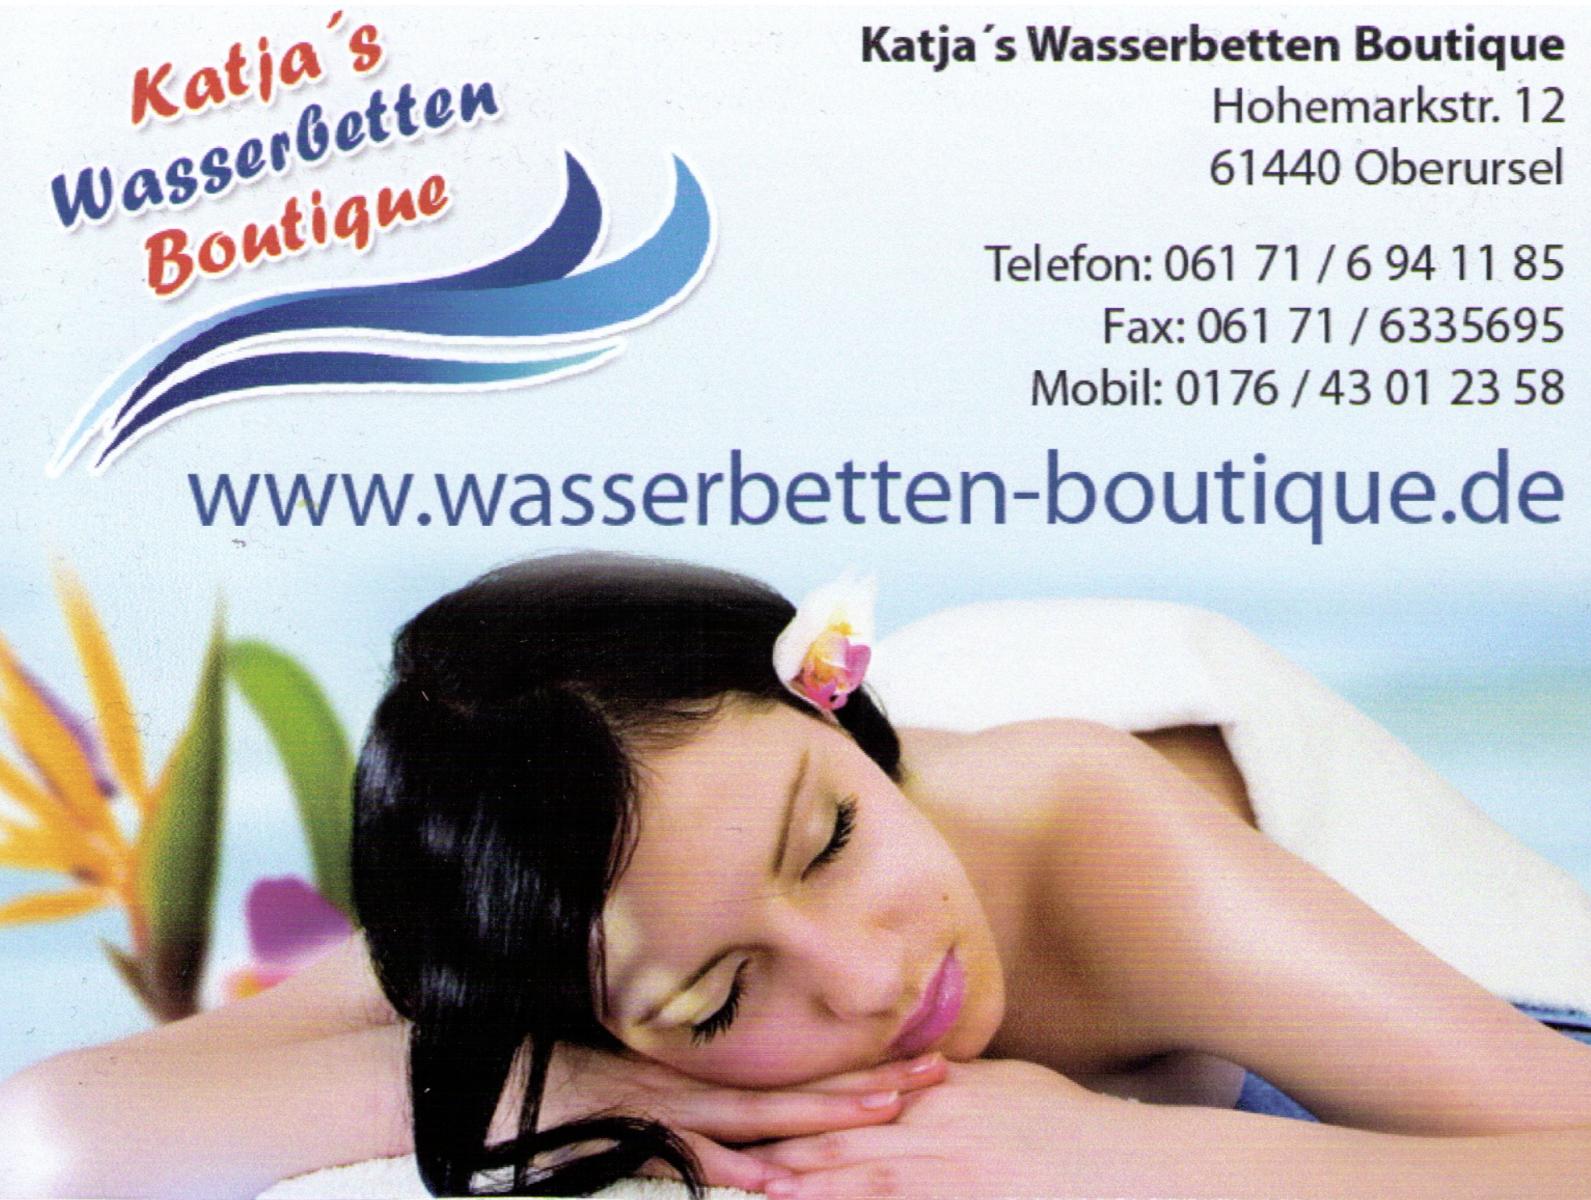 Katjas-Wasserbetten